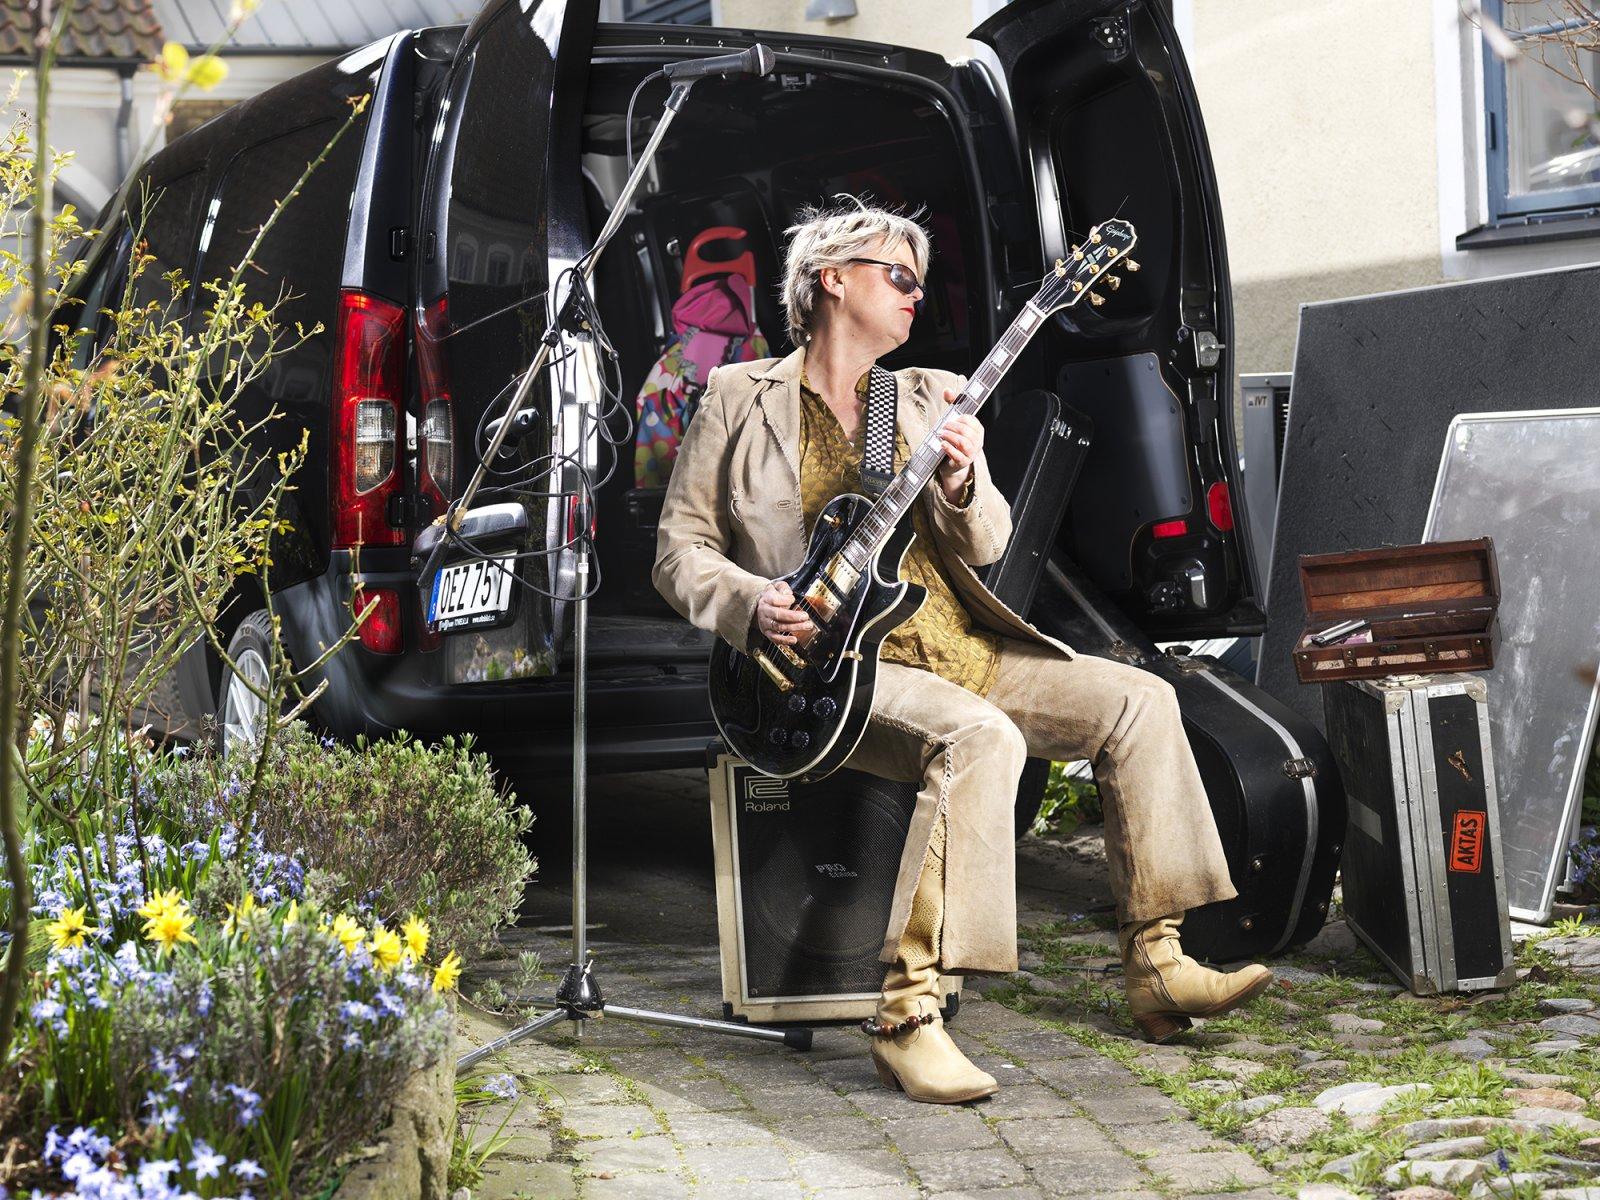 Funktionell transportbil och fräck turnébuss - Mercedes Citan uppfyller Marias behov